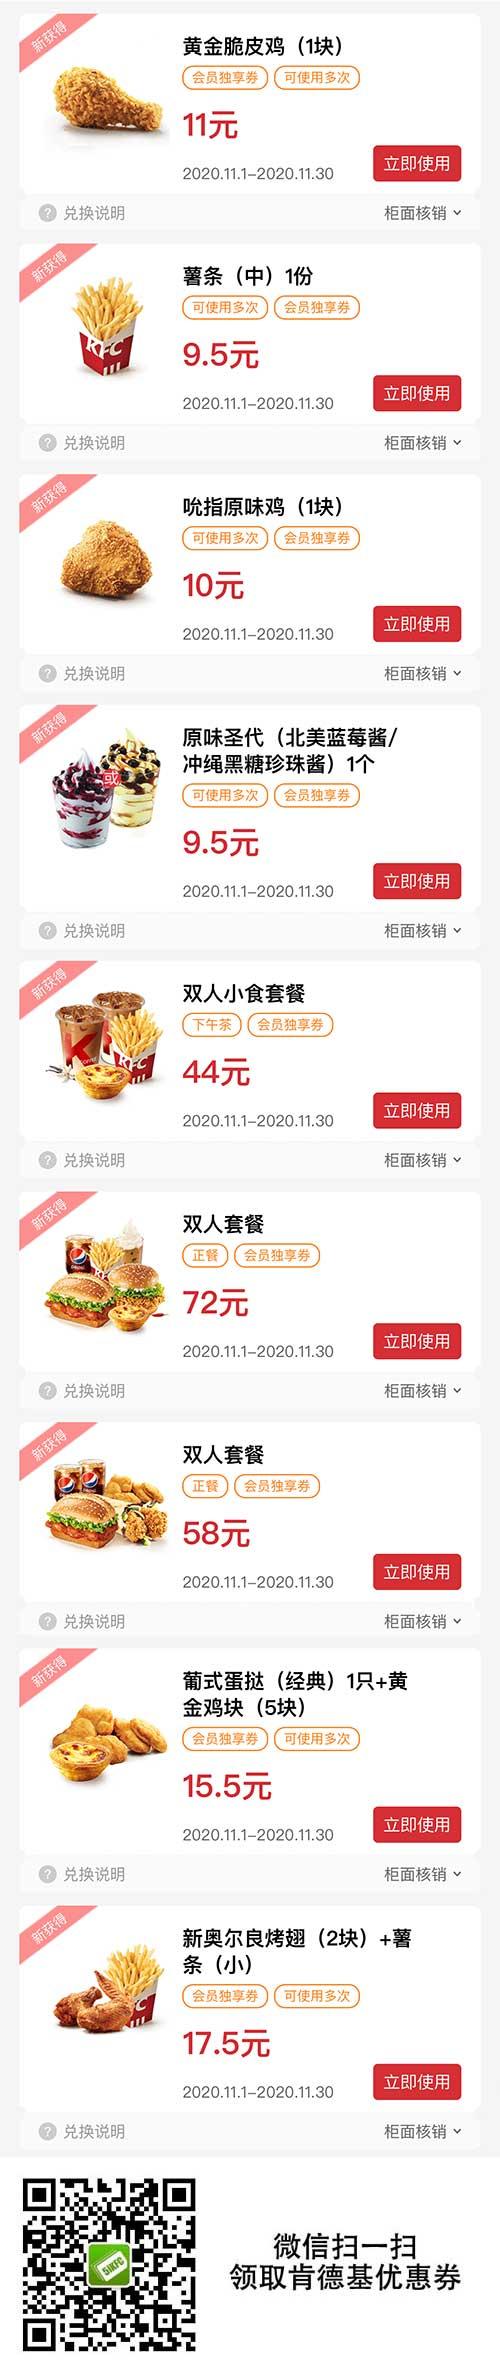 肯德基11月优惠券卡券,双人餐33元起 圣代优惠价9.5元